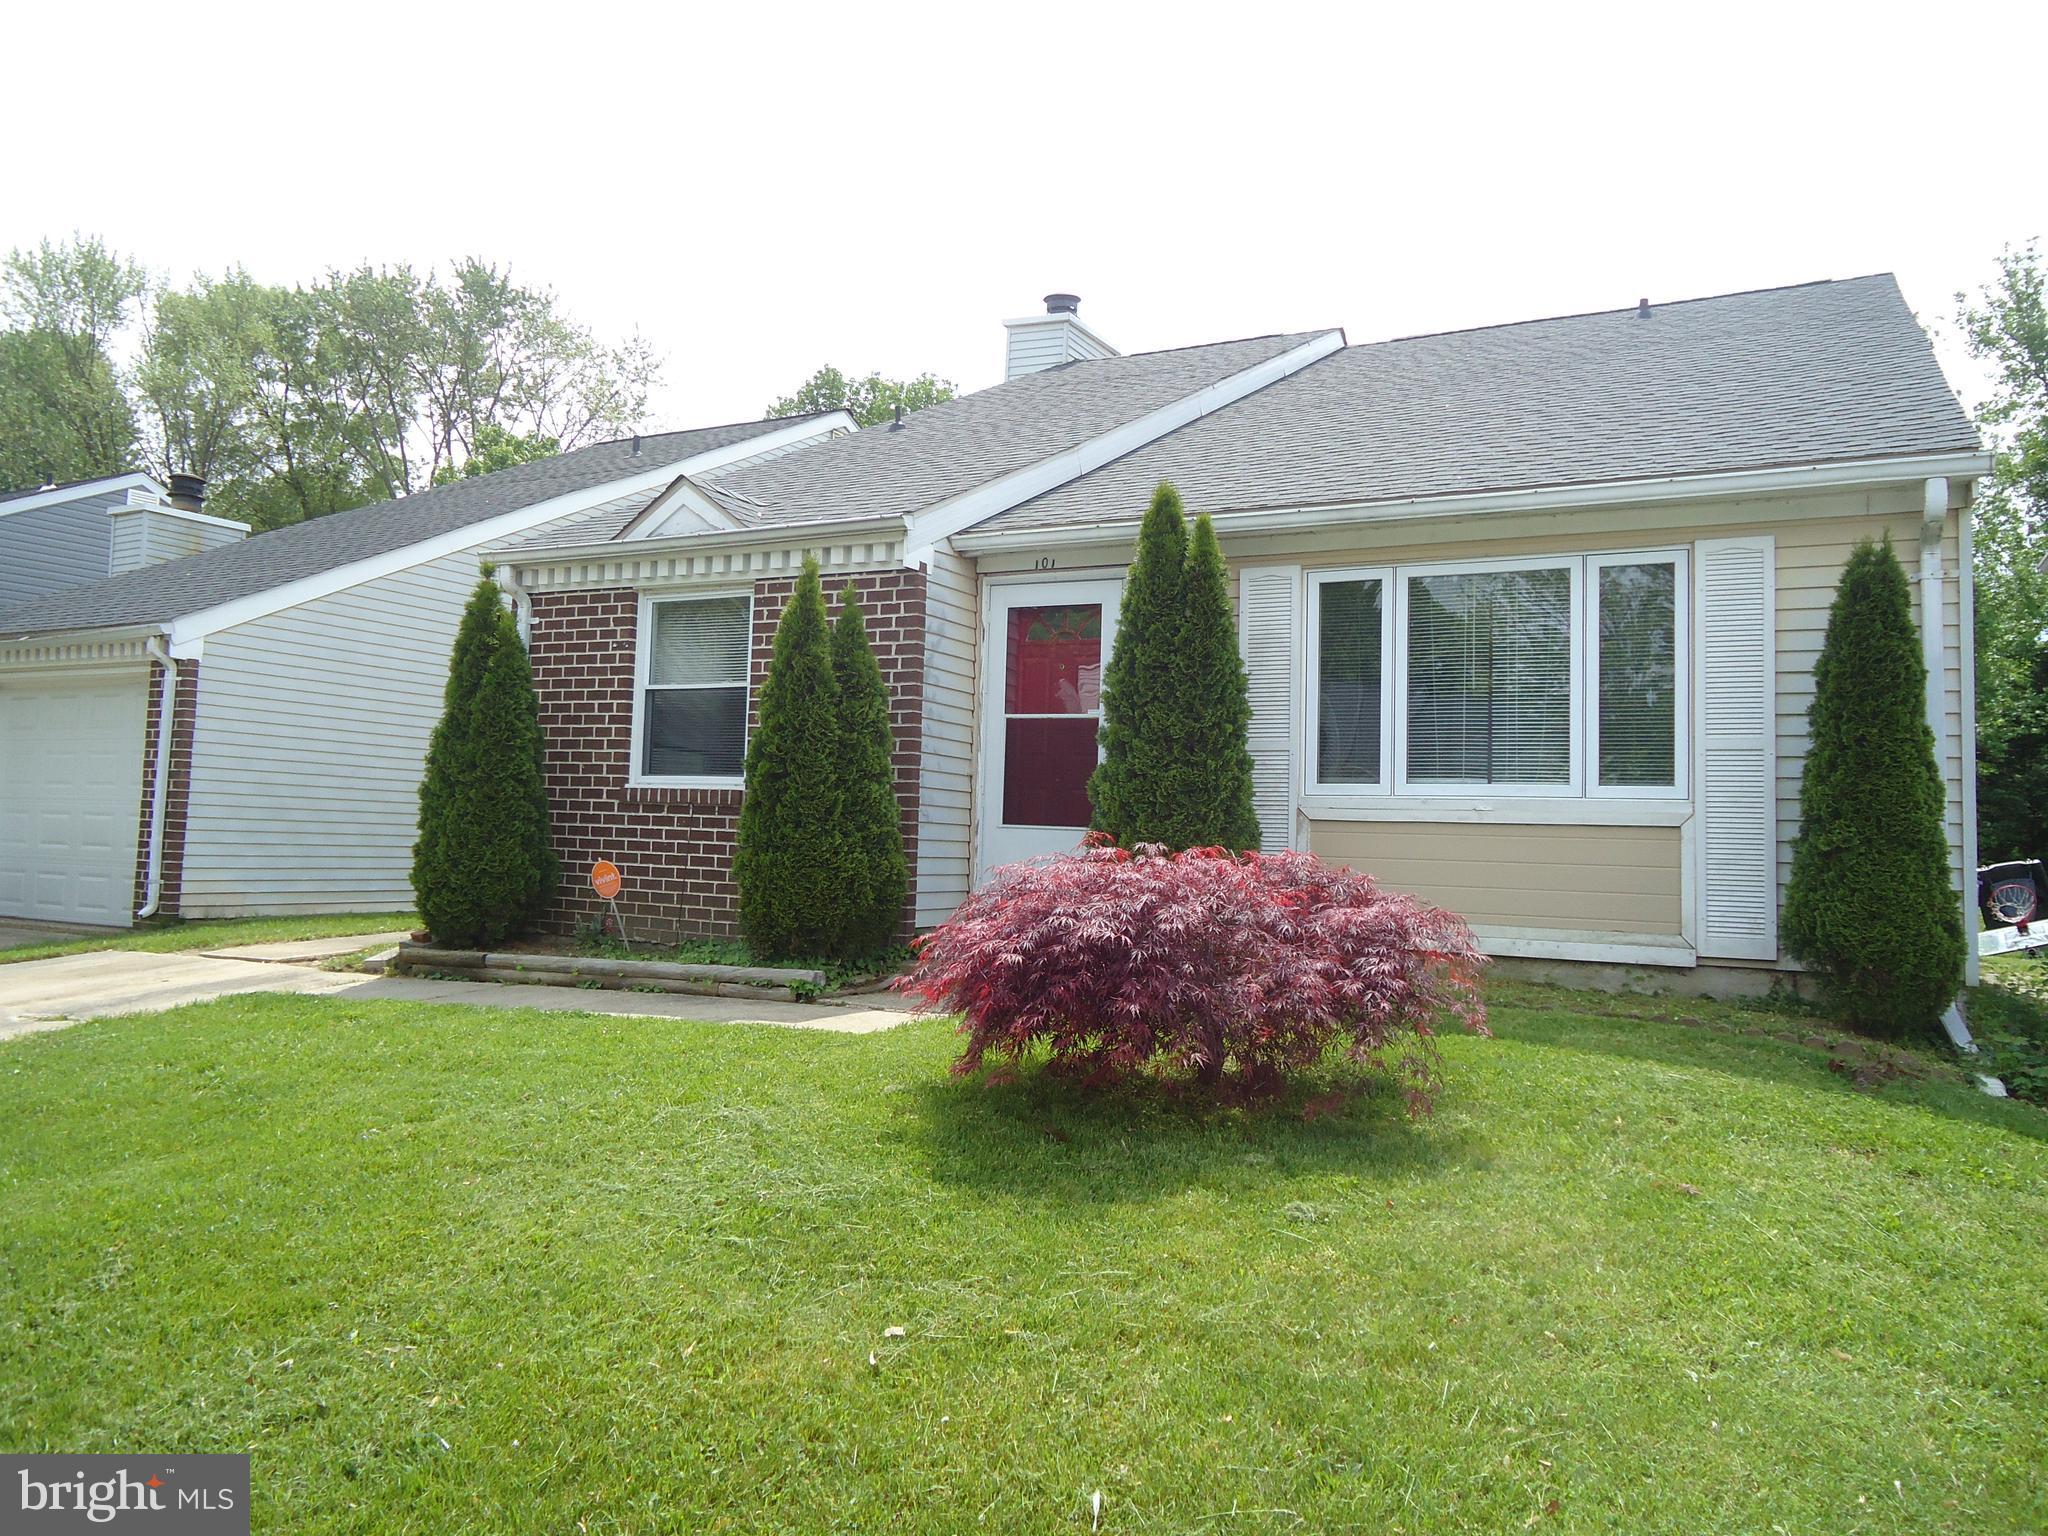 101 Redbud Rd, Edgewood, MD, 21040